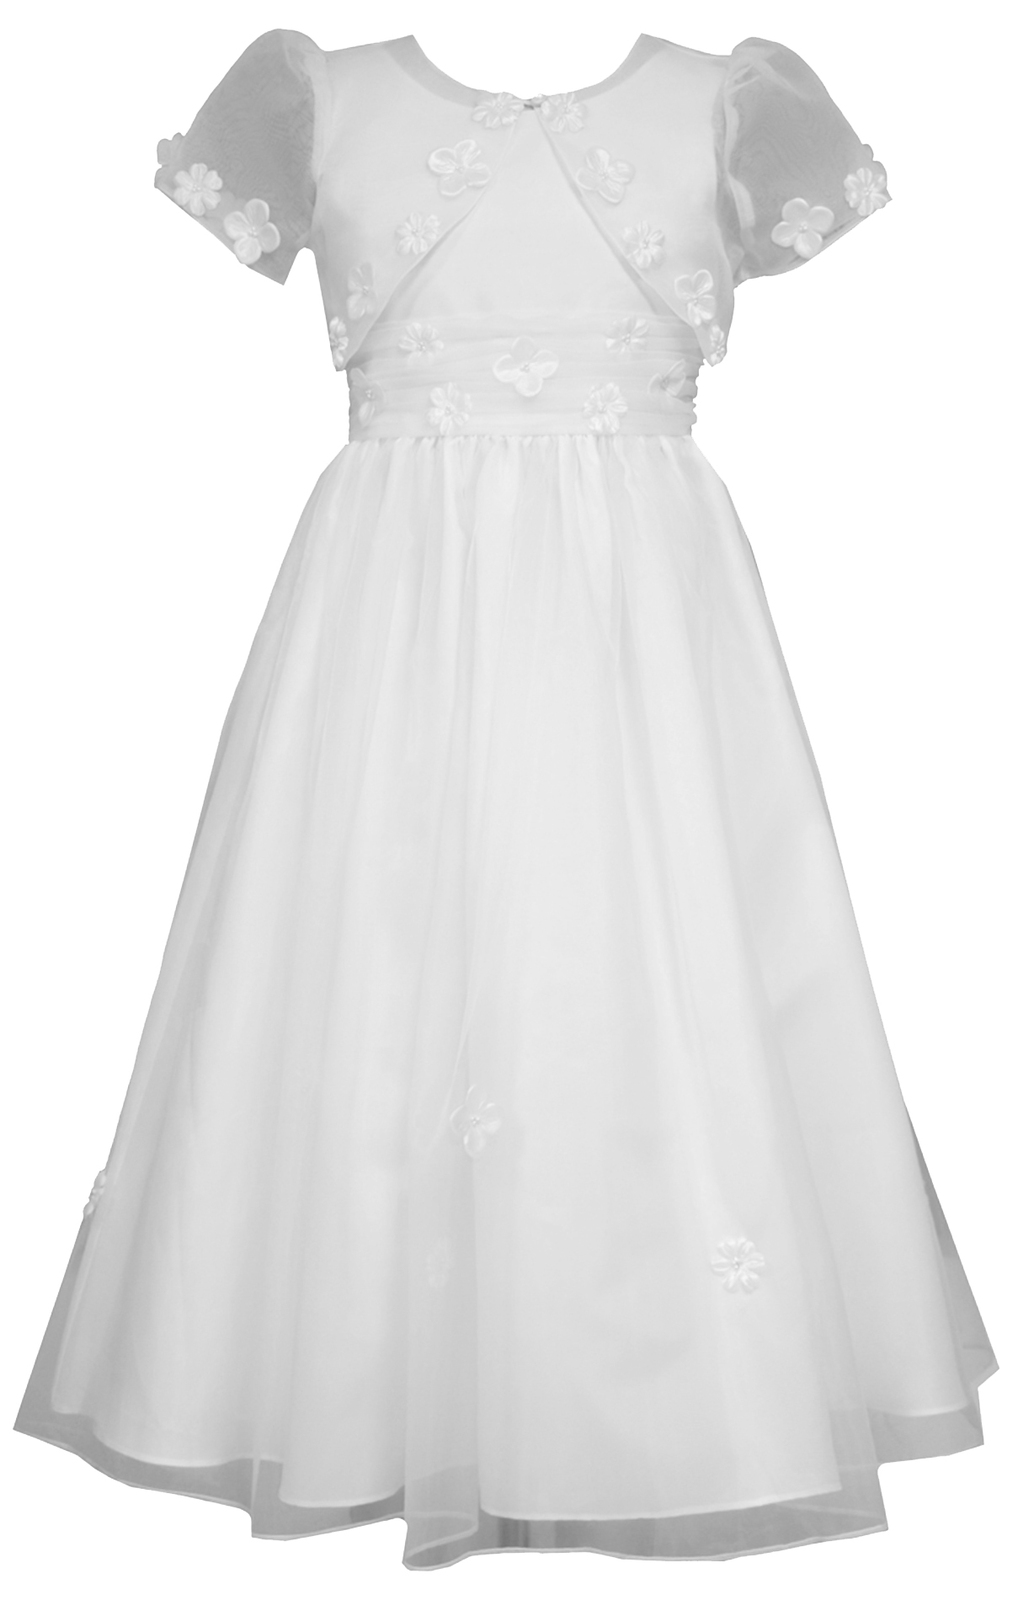 a3ccf9c245a Tween Flower Girl Dresses